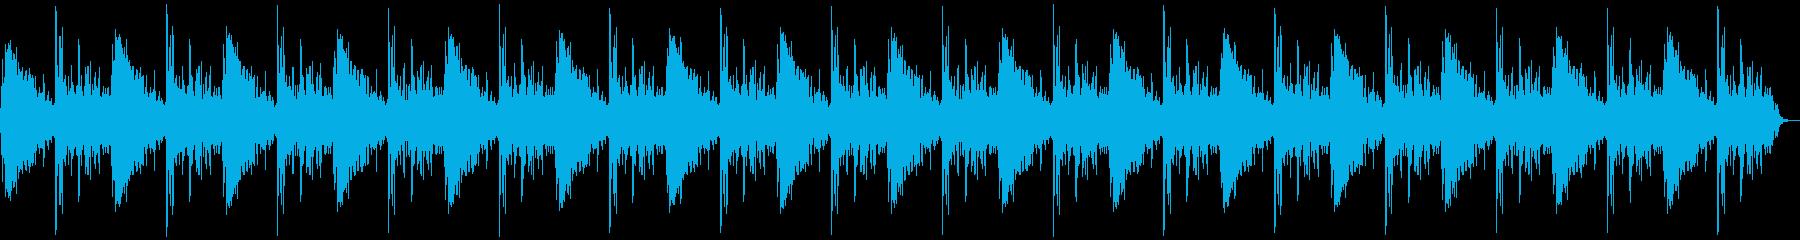 ドン、バーン(爆発)+カウントの再生済みの波形